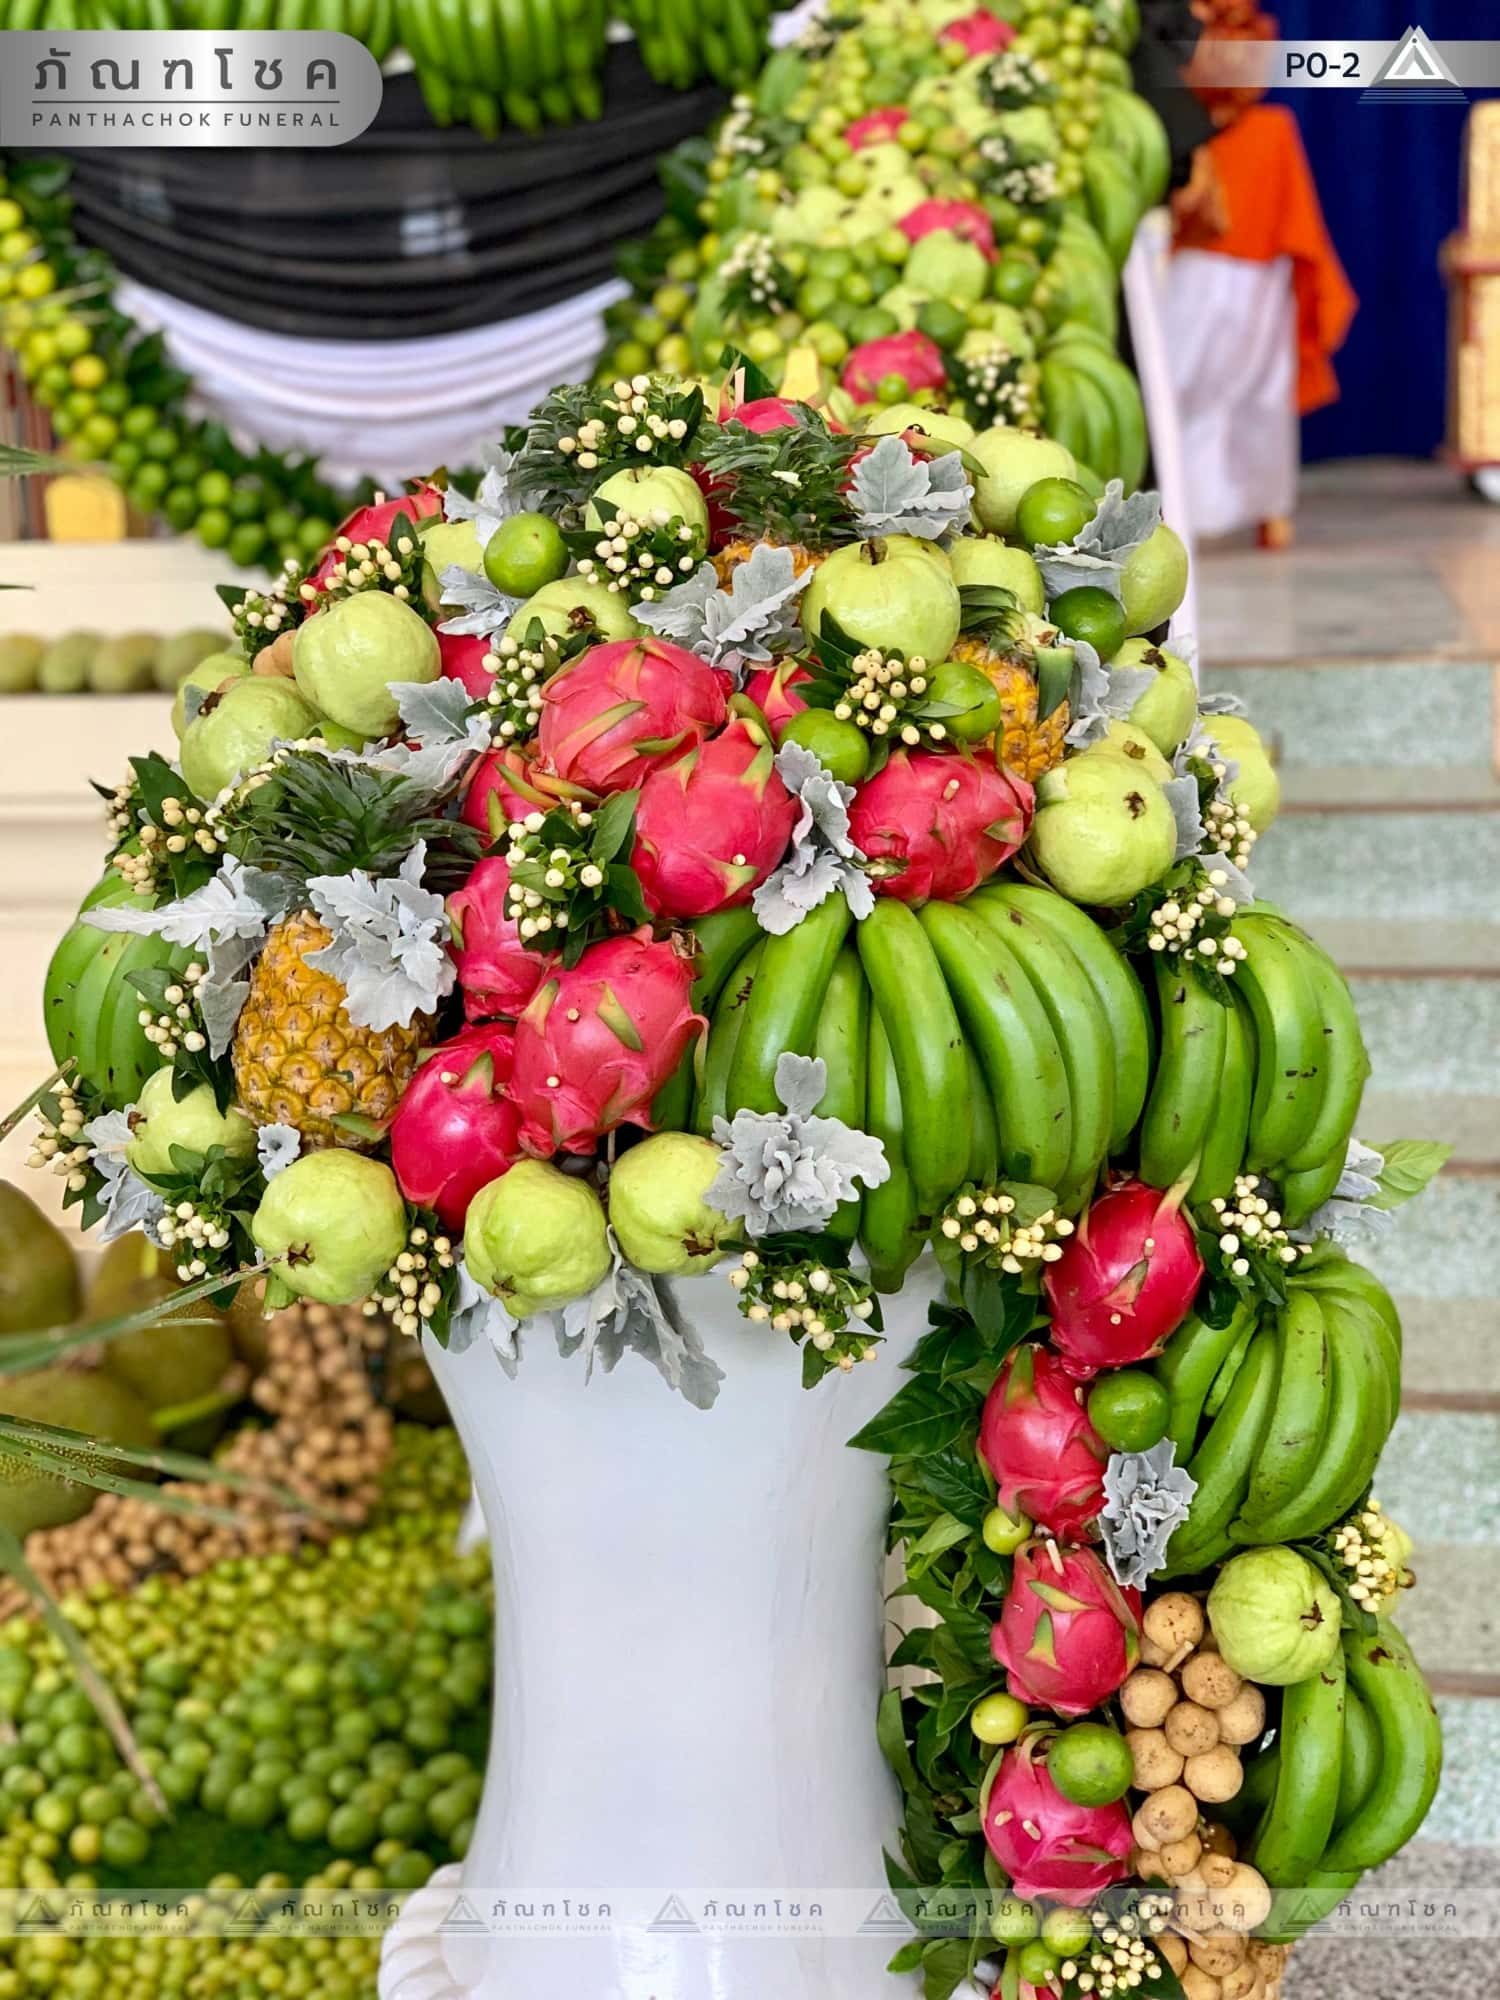 ดอกไม้ประดับเมรุ ชุด P0-2 124